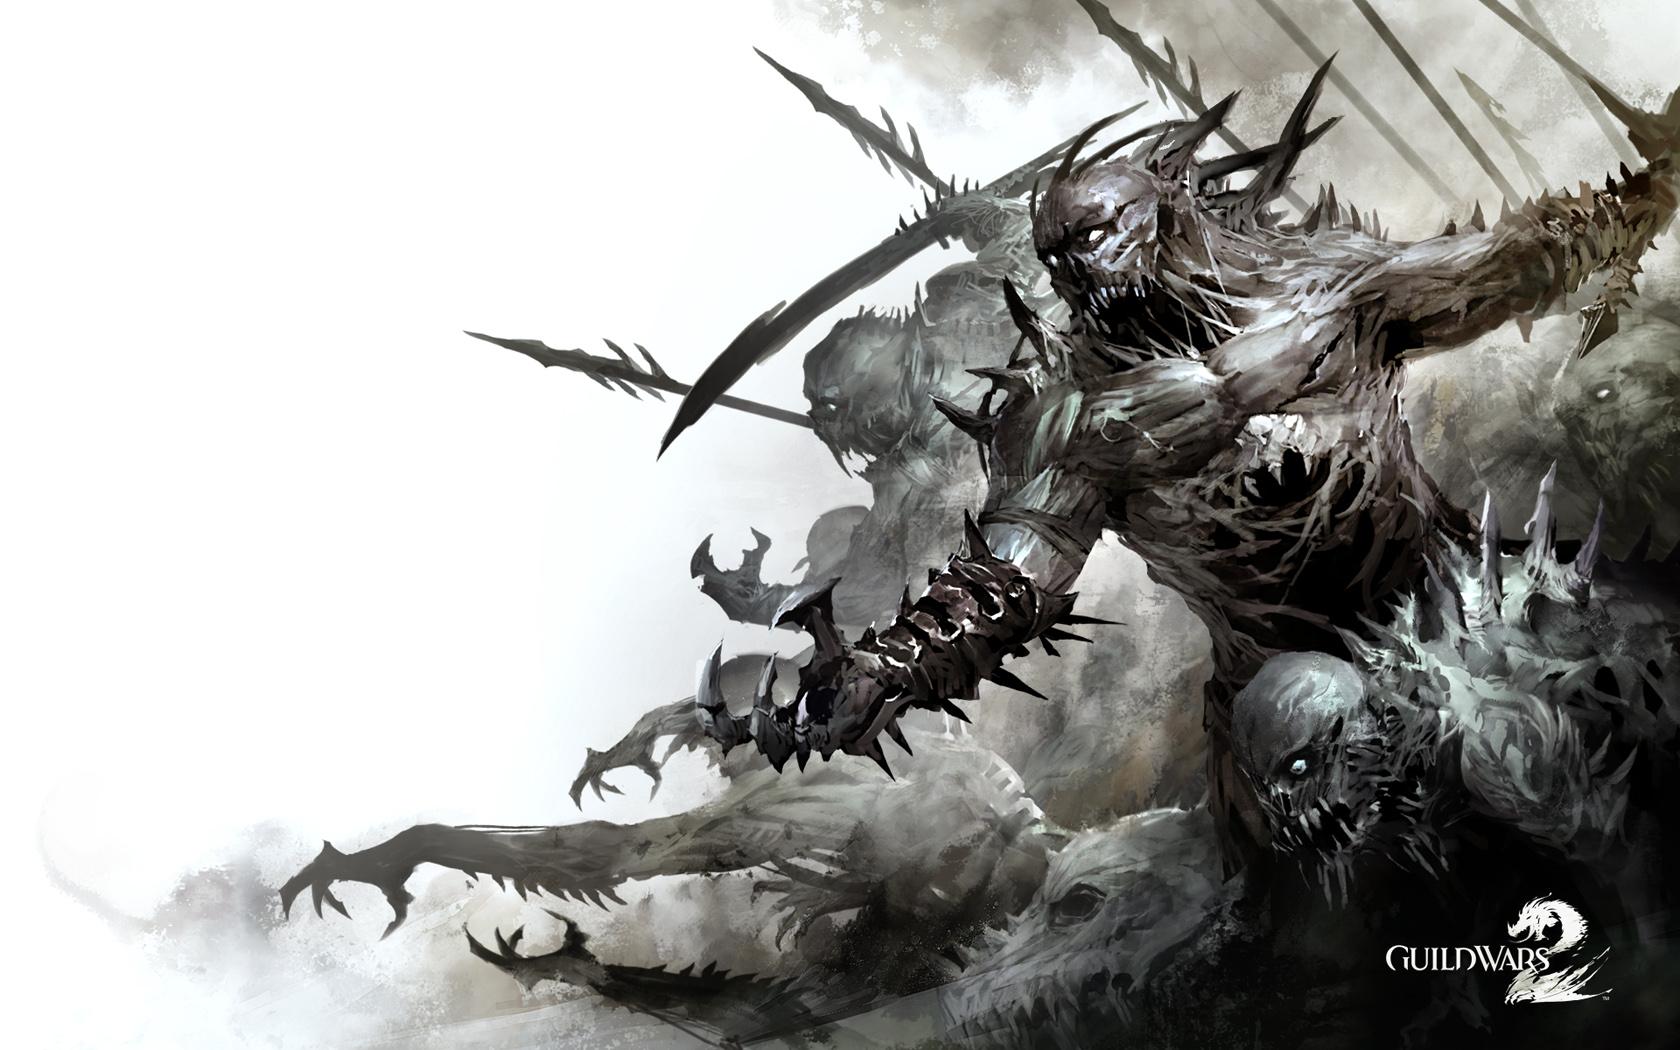 Guild Wars 2 lässt Euch zu Neo in der Matrix werden, führt standardisierte Gegner ein